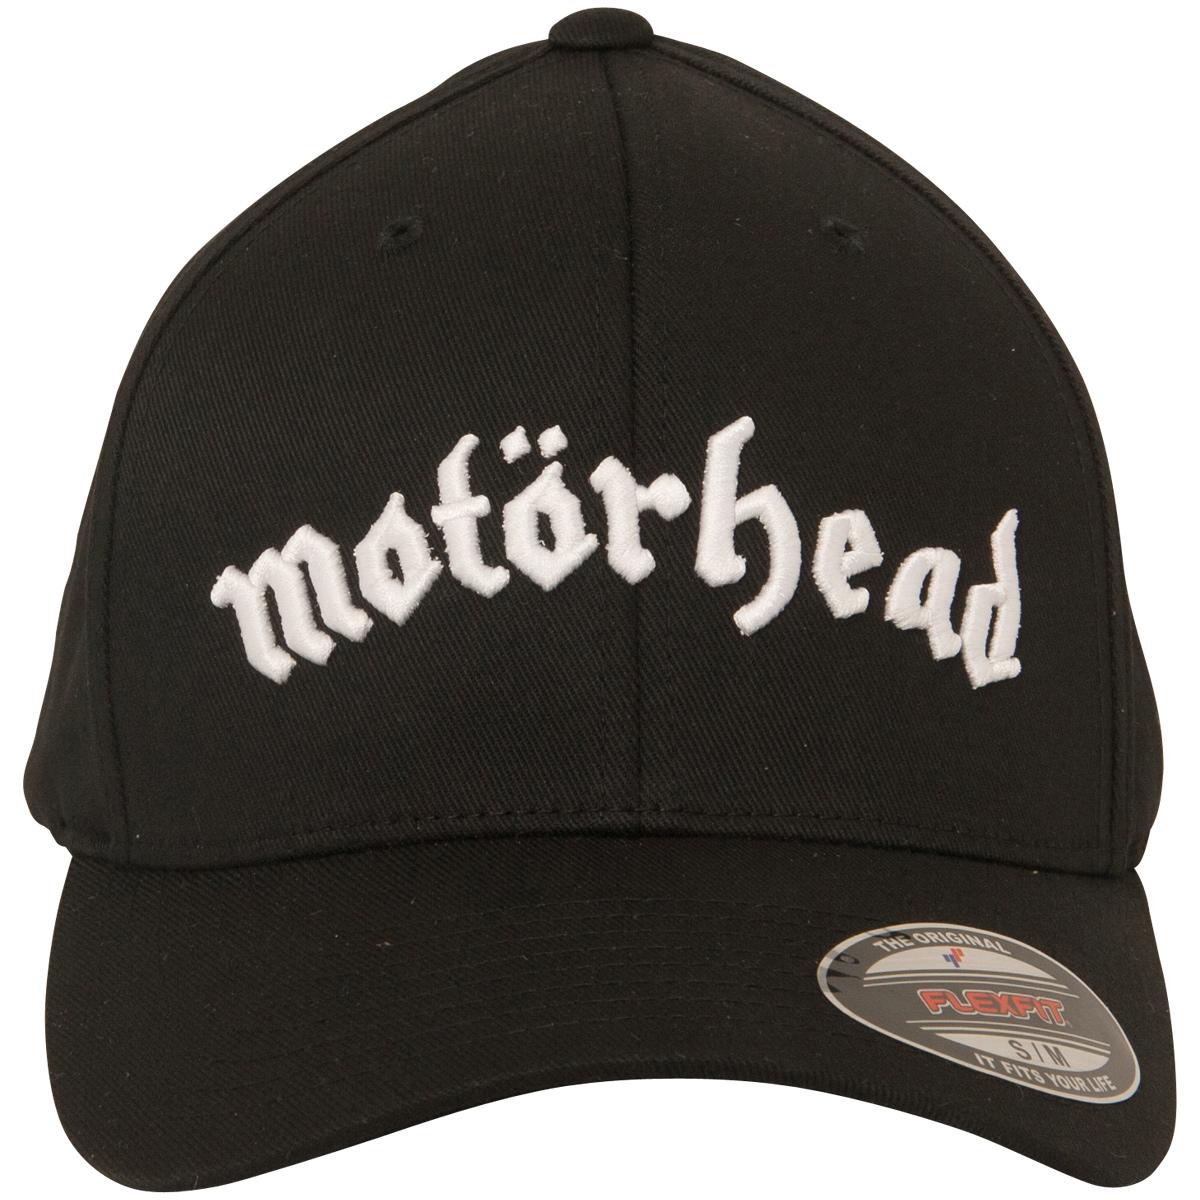 Motörhead - Flexfit Cap Bandlogo - schwarz